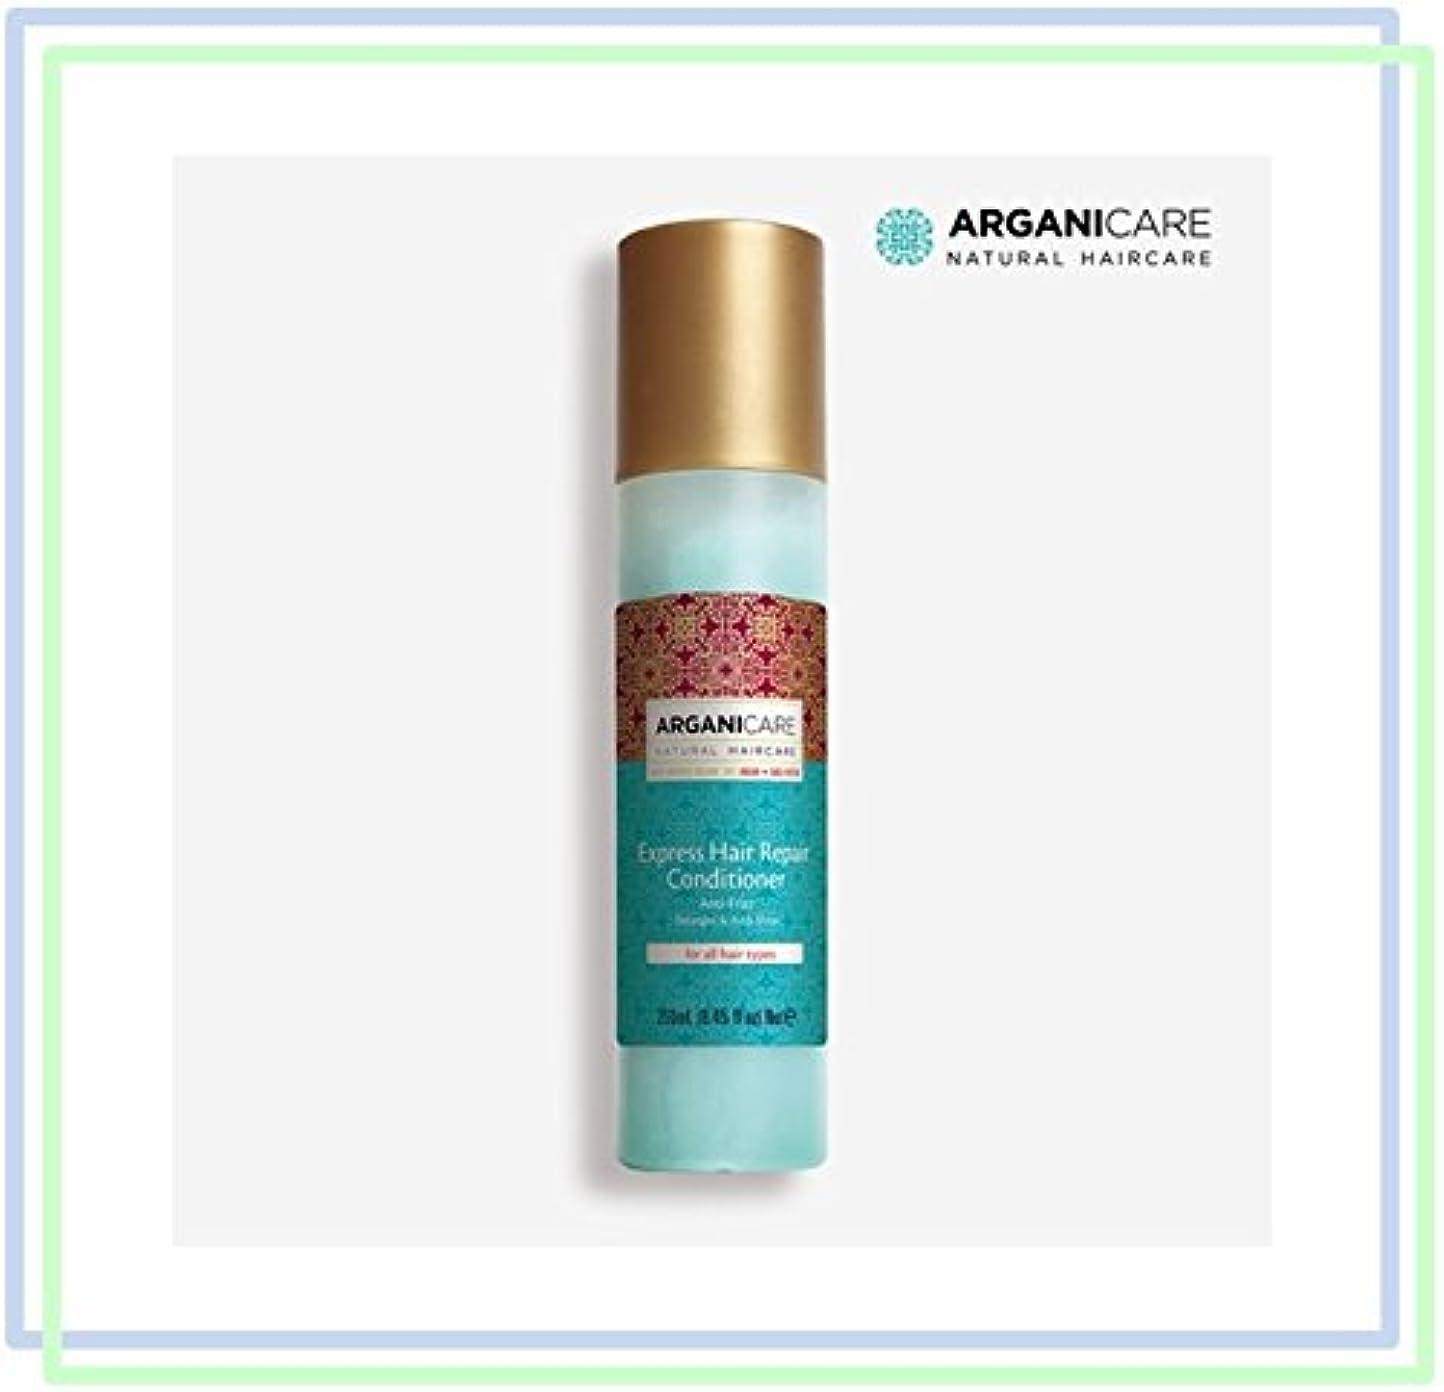 揮発性信念確率[アルガニケア][ARGANICARE]エクスプレス ヘアリペア コンディショナー Express Hair Repair Conditioner [並行輸入品]